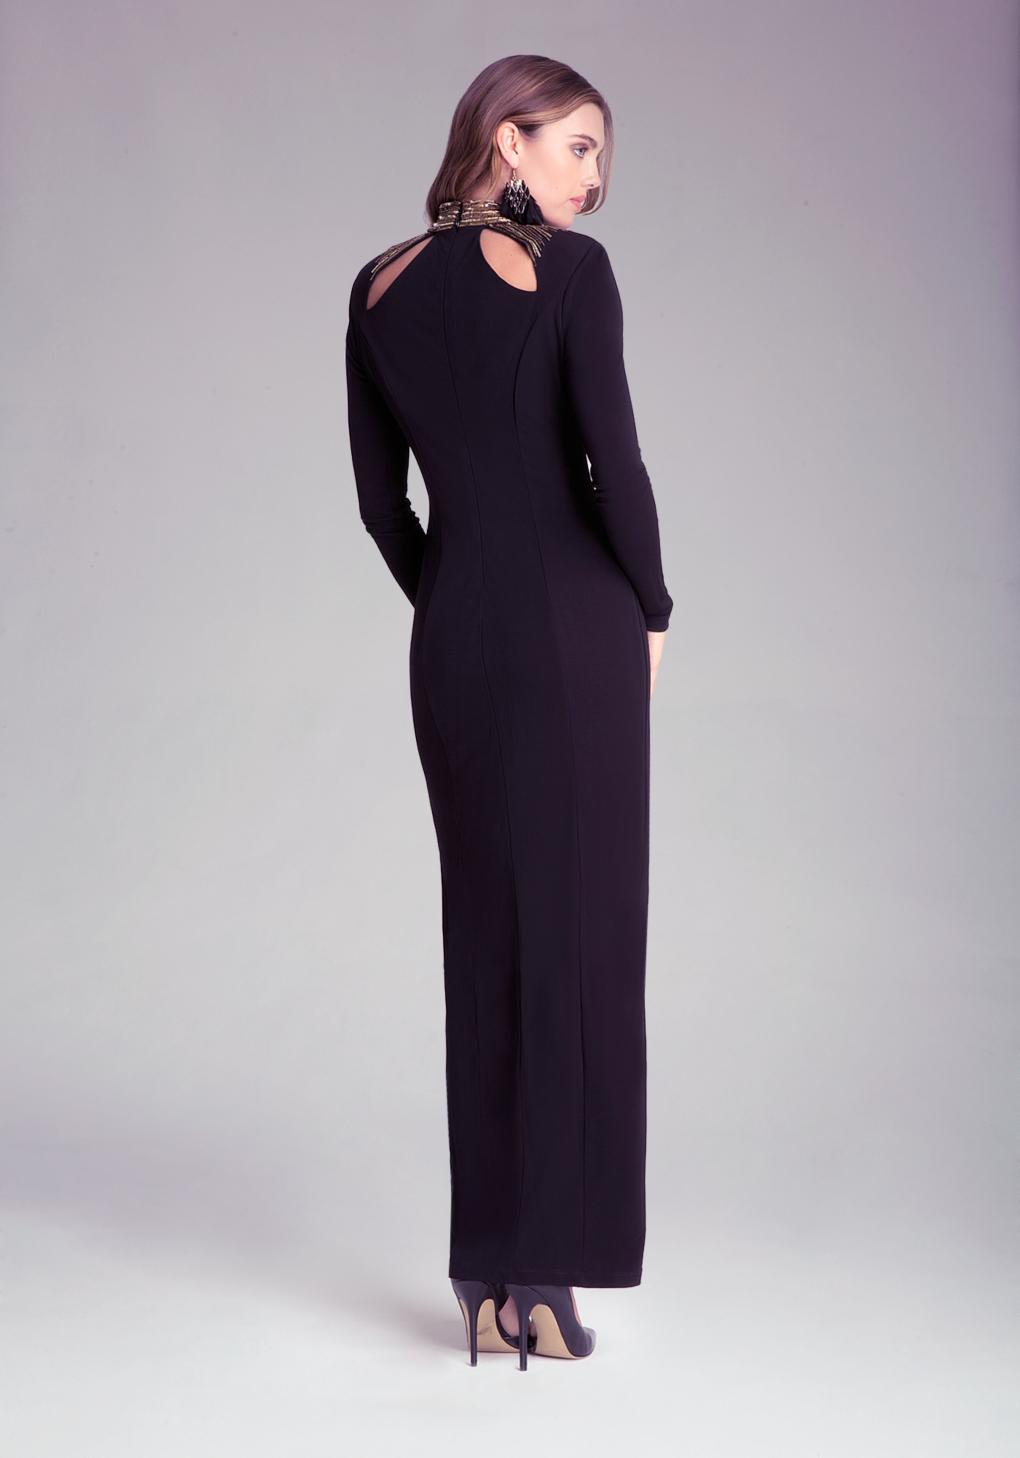 lyst bebe petite embellished dress in black. Black Bedroom Furniture Sets. Home Design Ideas